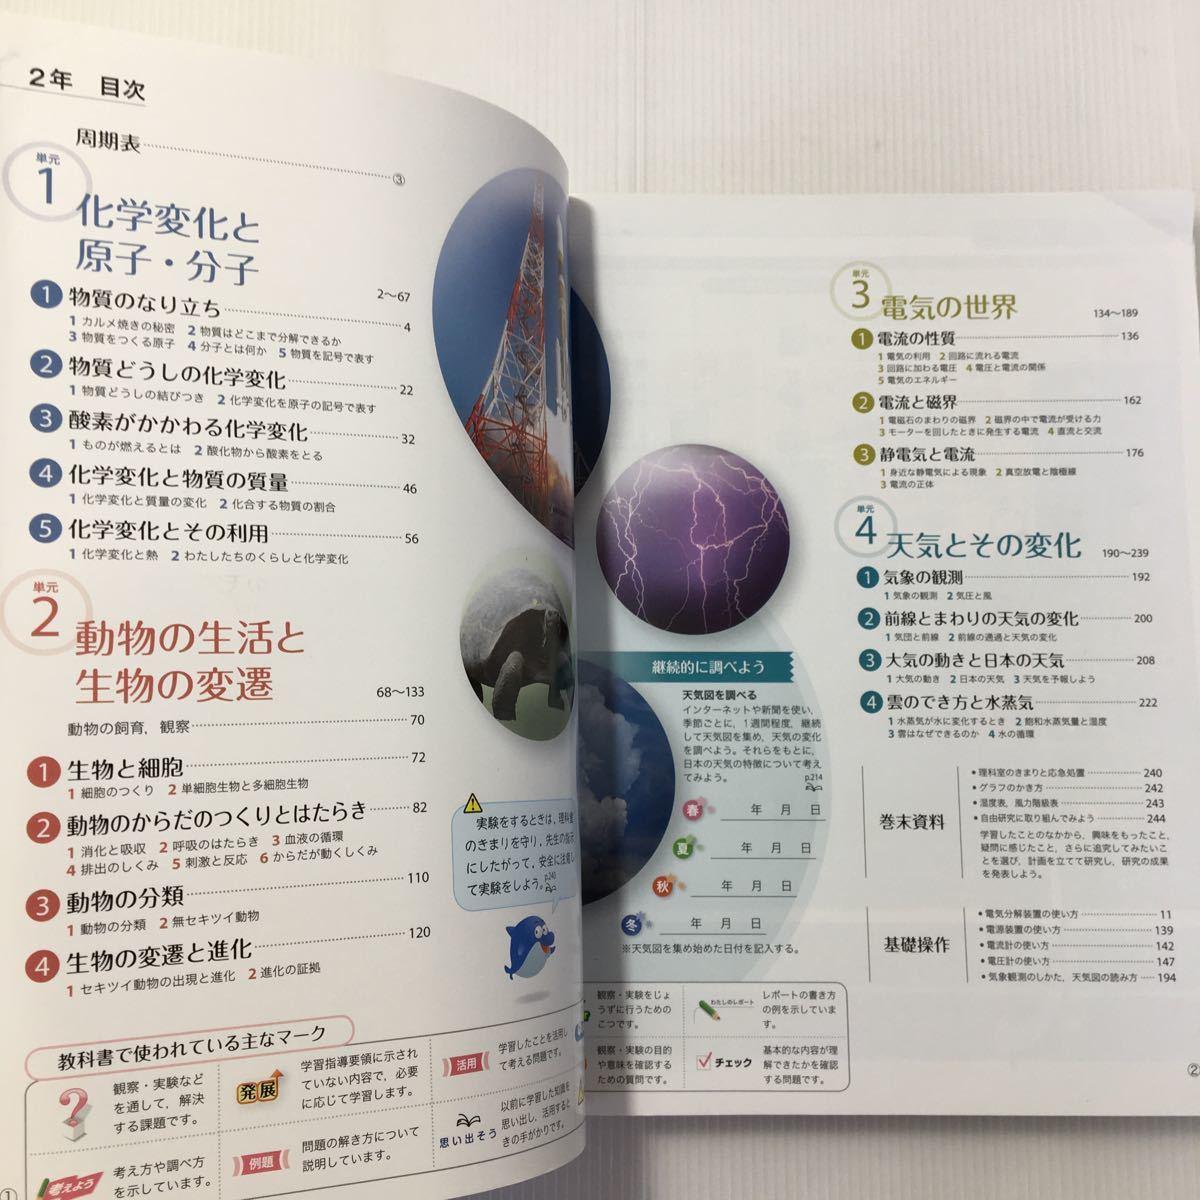 zaa-048★新しい科学 2 [平成24年度採用] 東京書籍 (日本語) 単行本 2014/3/1